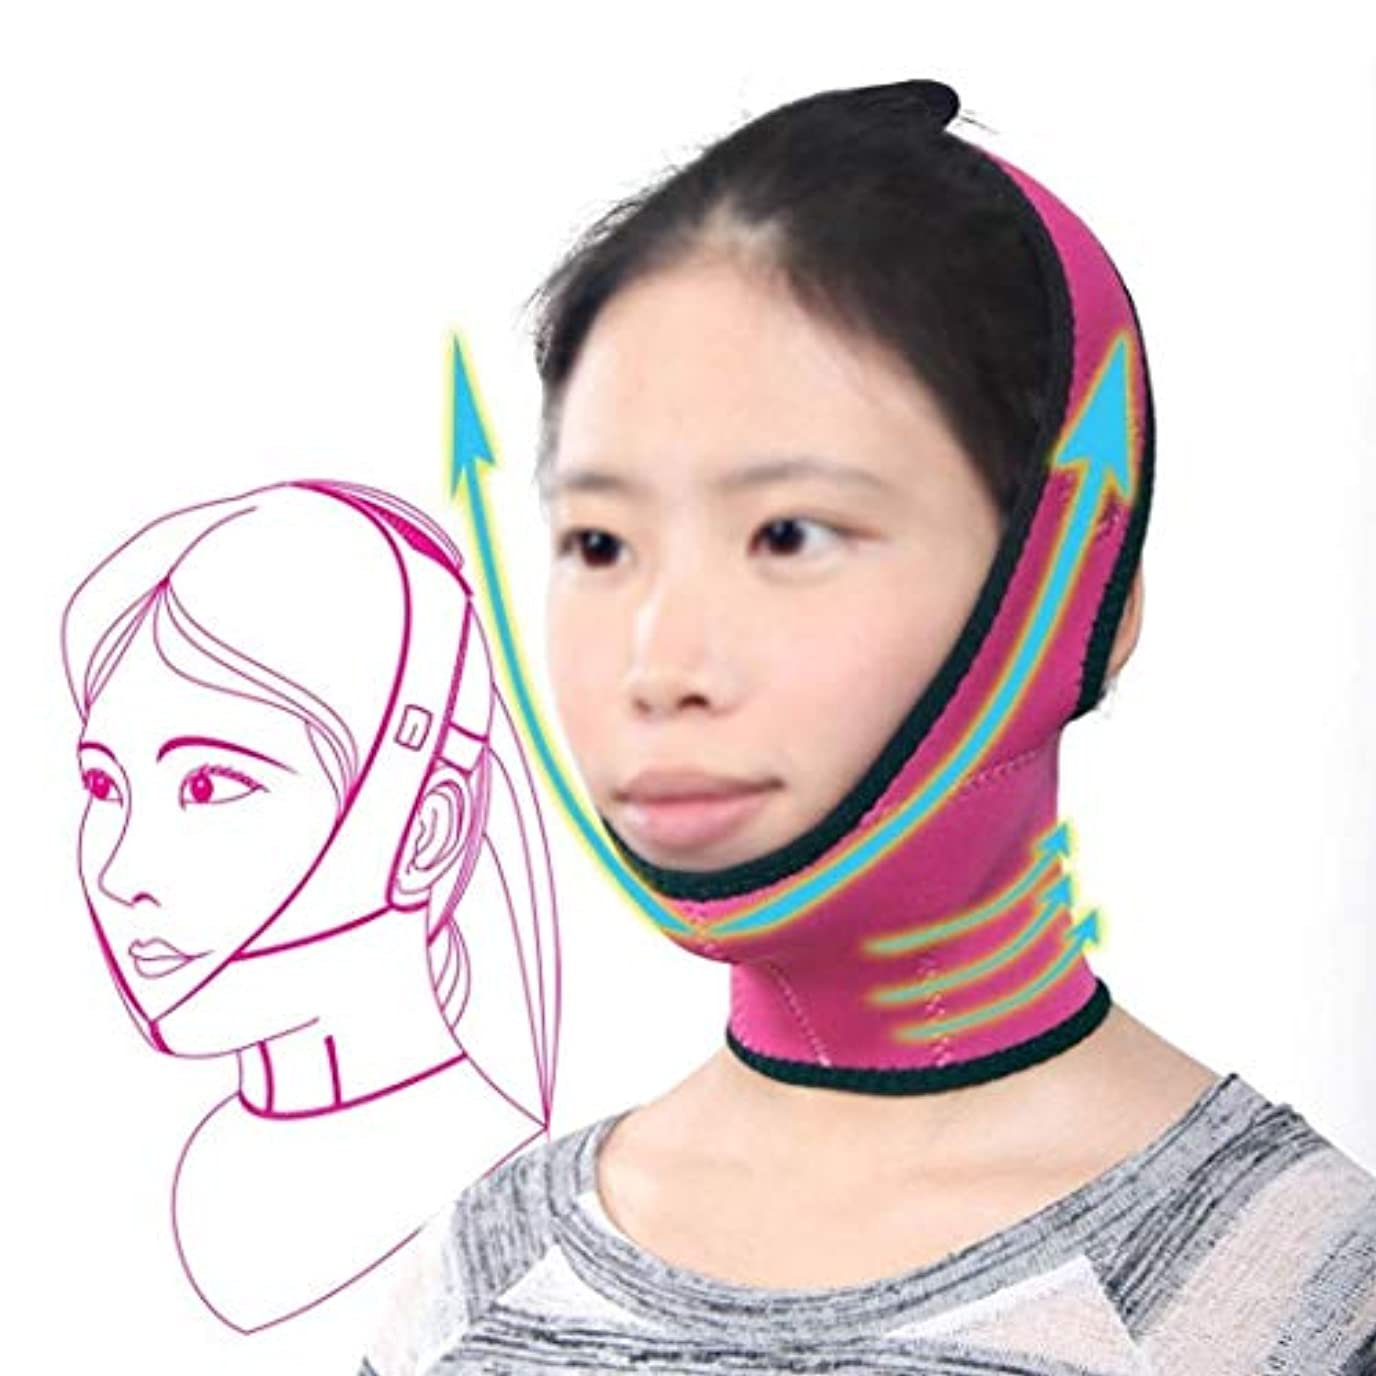 電話をかけるサーバ宿泊フェイスリフトマスク、スリミングベルトフェイスマスク強力なリフティング小さなV顔薄い顔包帯美容美容リフティング顔小さな顔薄いフェイスマスク